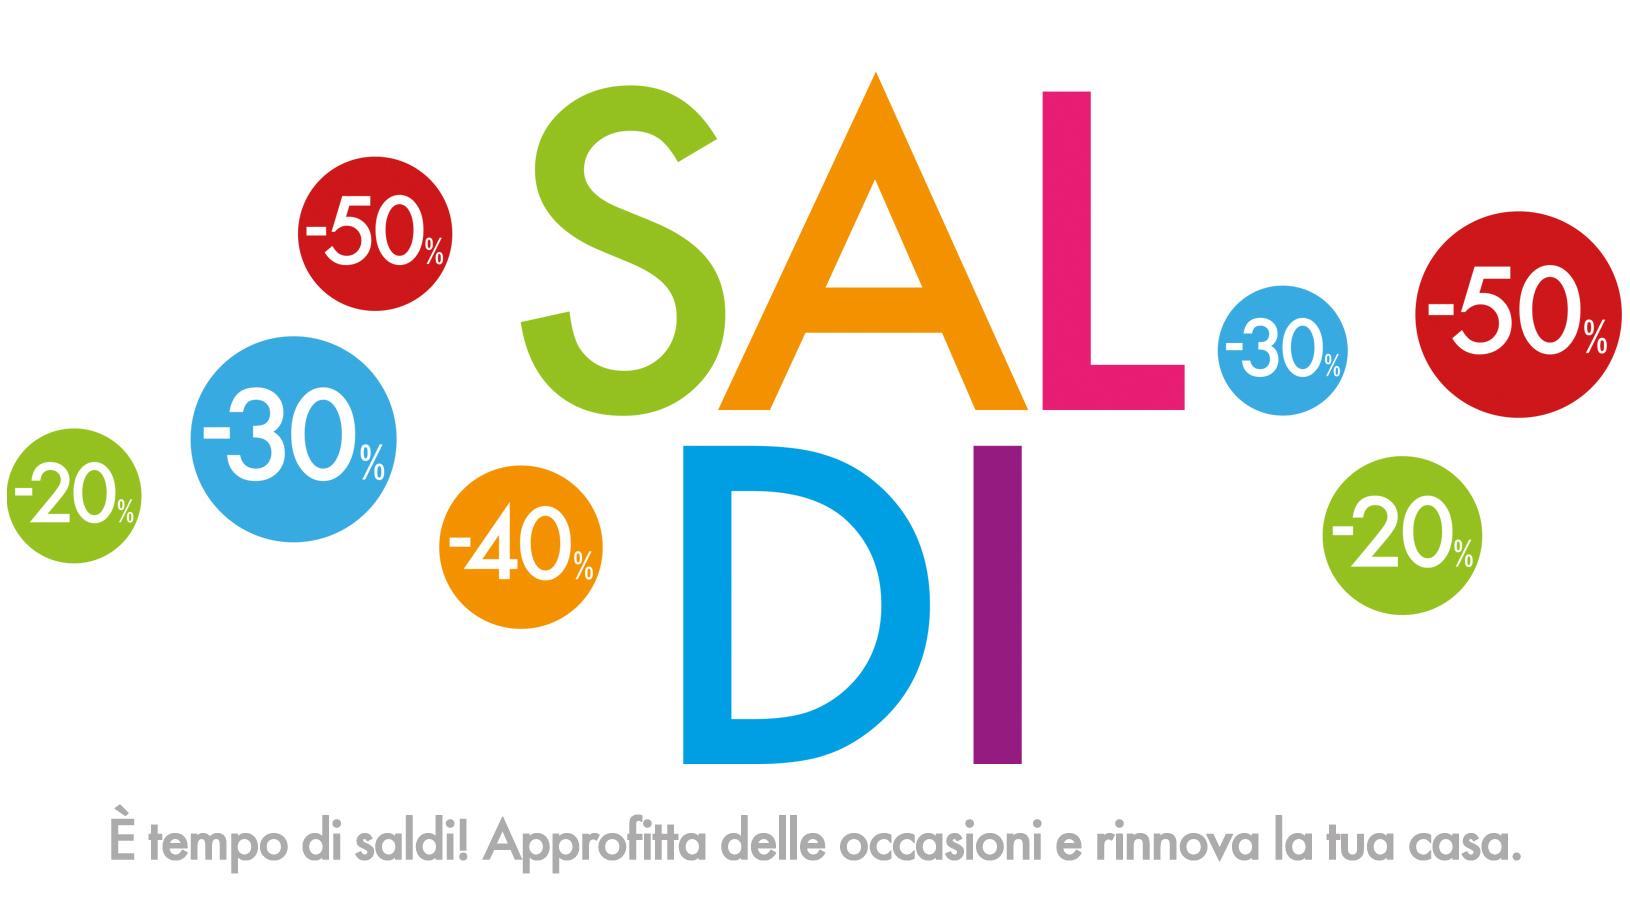 Arredamento arreda review for Arredamento saldi